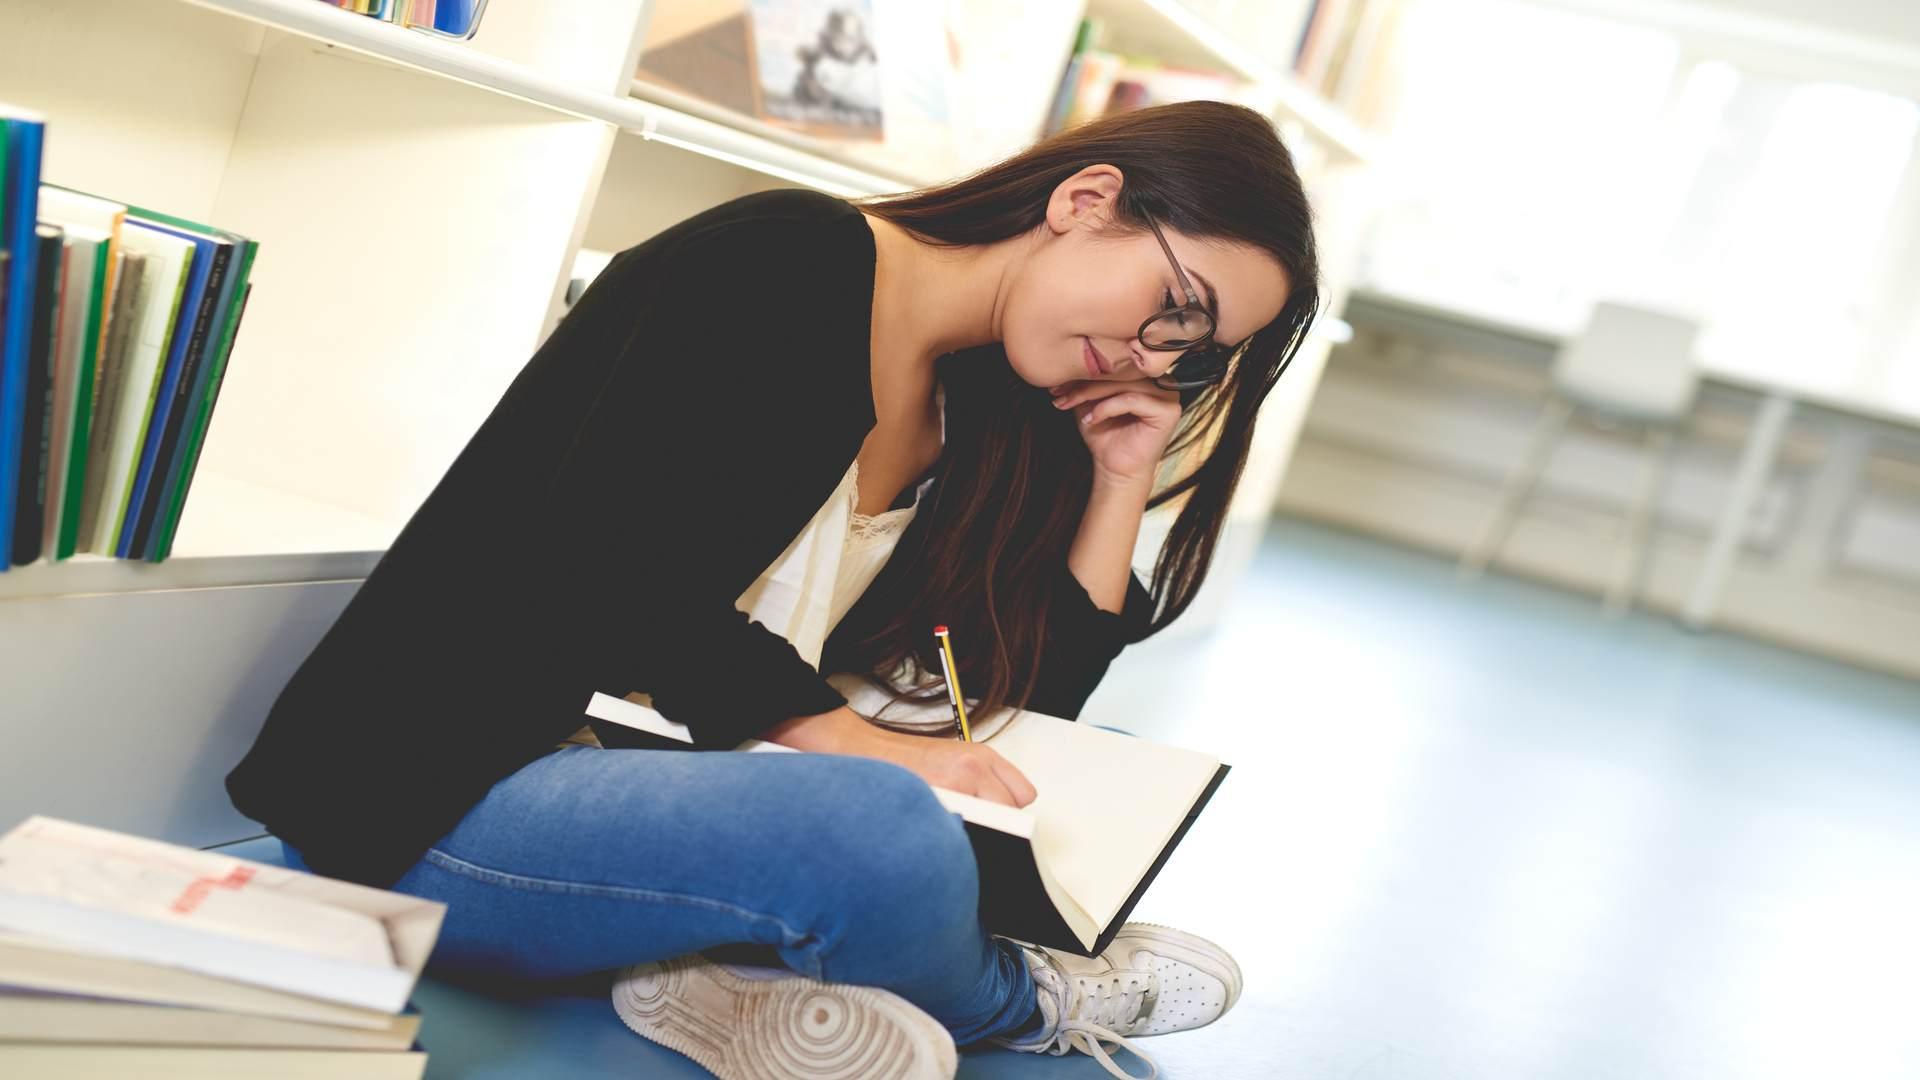 סטודנטית מבצעת עריכה לשונית לעבודת דוקטורט